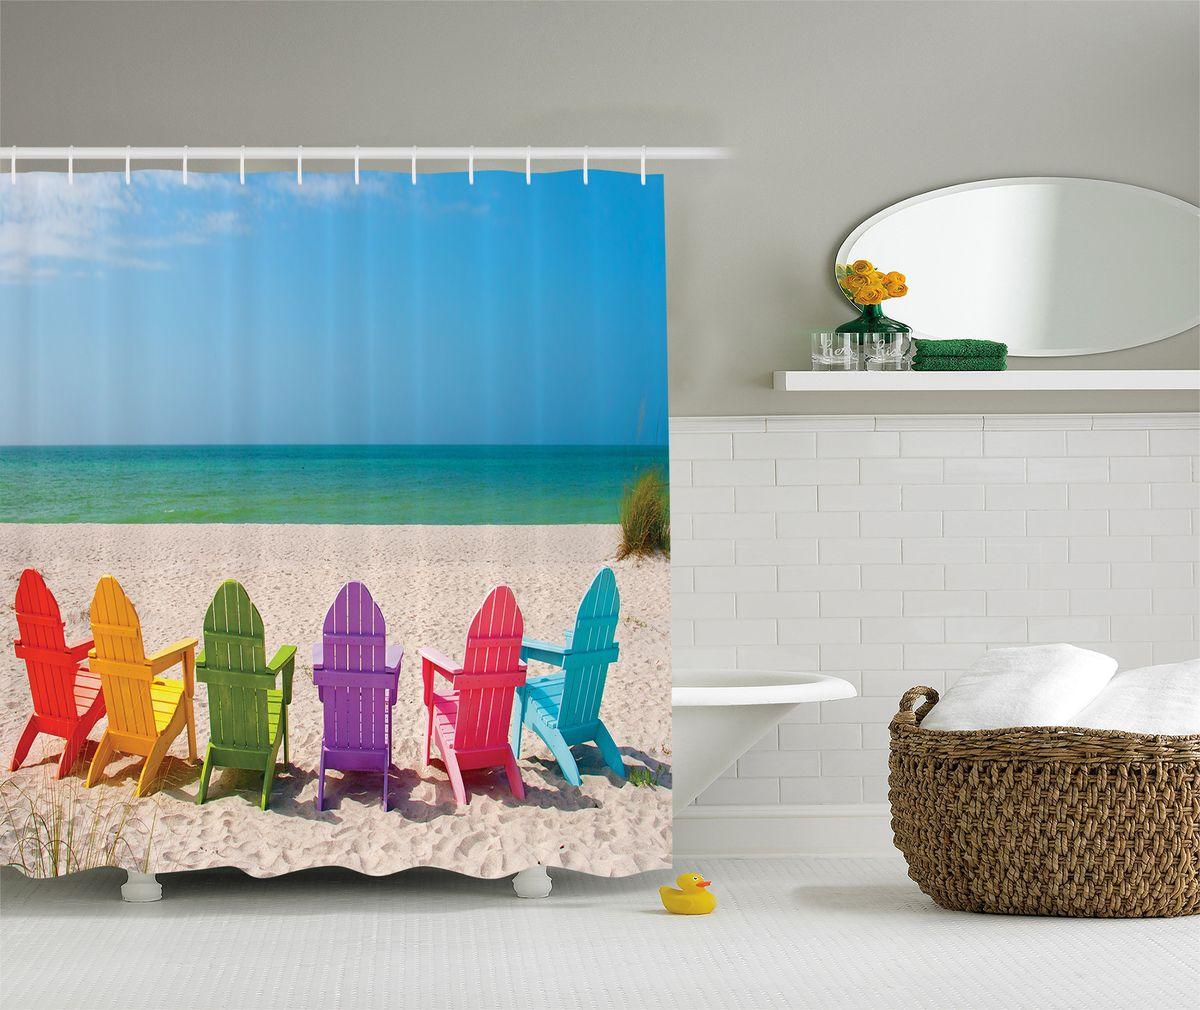 Штора для ванной комнаты Magic Lady Разноцветные шезлонги, 180 х 200 смшв_8244Штора Magic Lady Разноцветные шезлонги, изготовленная из высококачественного сатена (полиэстер 100%), отлично дополнит любой интерьер ванной комнаты. При изготовлении используются специальные гипоаллергенные чернила для прямой печати по ткани, безопасные для человека.В комплекте: 1 штора, 12 крючков. Обращаем ваше внимание, фактический цвет изделия может незначительно отличаться от представленного на фото.